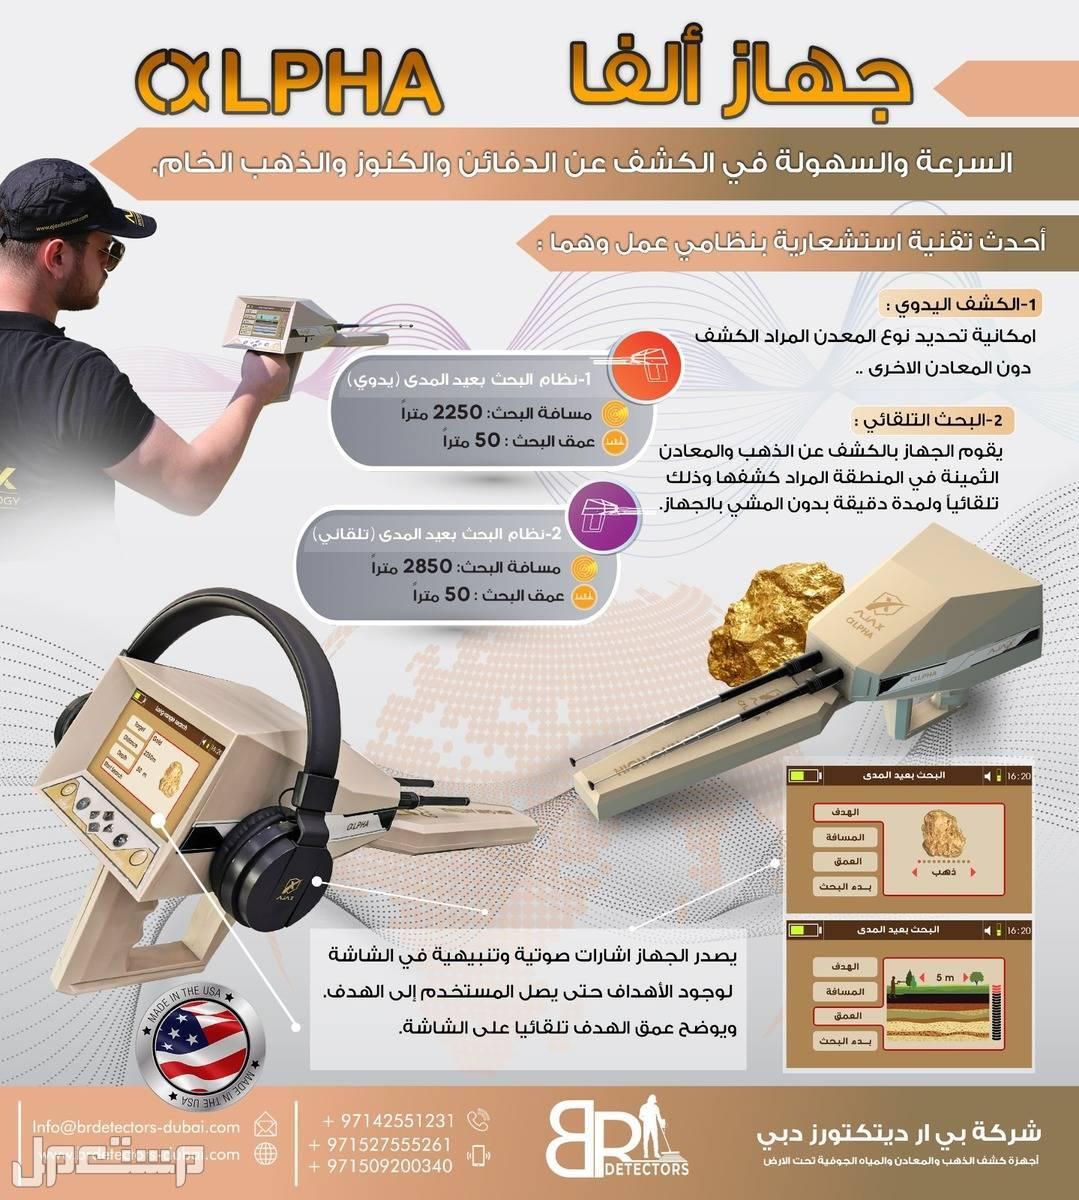 جهاز كشف الذهب للبيع - الفا اجاكس جهاز كشف الذهب للبيع - الفا اجاكس